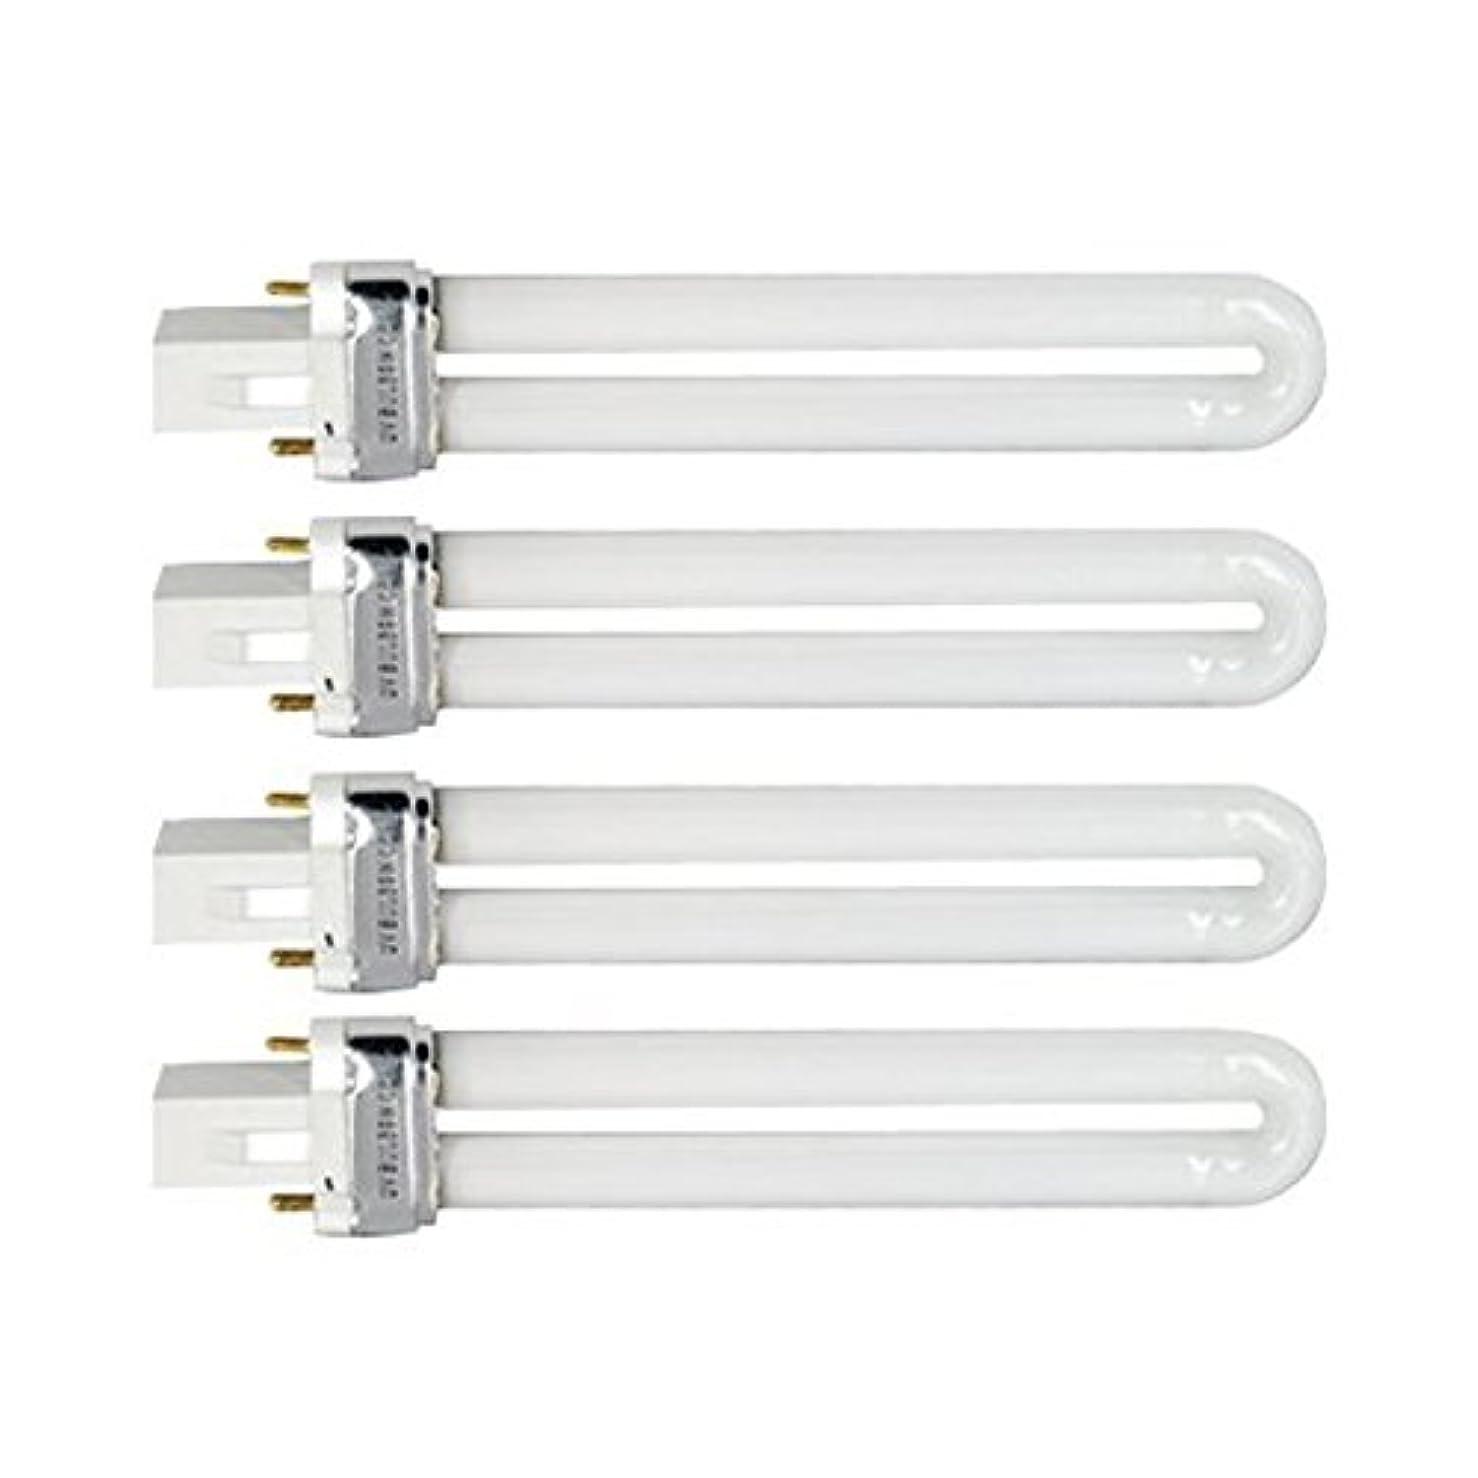 ティームレンダリング貢献するTinksky UV灯 紫外線 殺菌灯 電球交換 9 ワット U 型 365 nm ランプ電球チューブ ネイル アート Dryer-4 pcsset